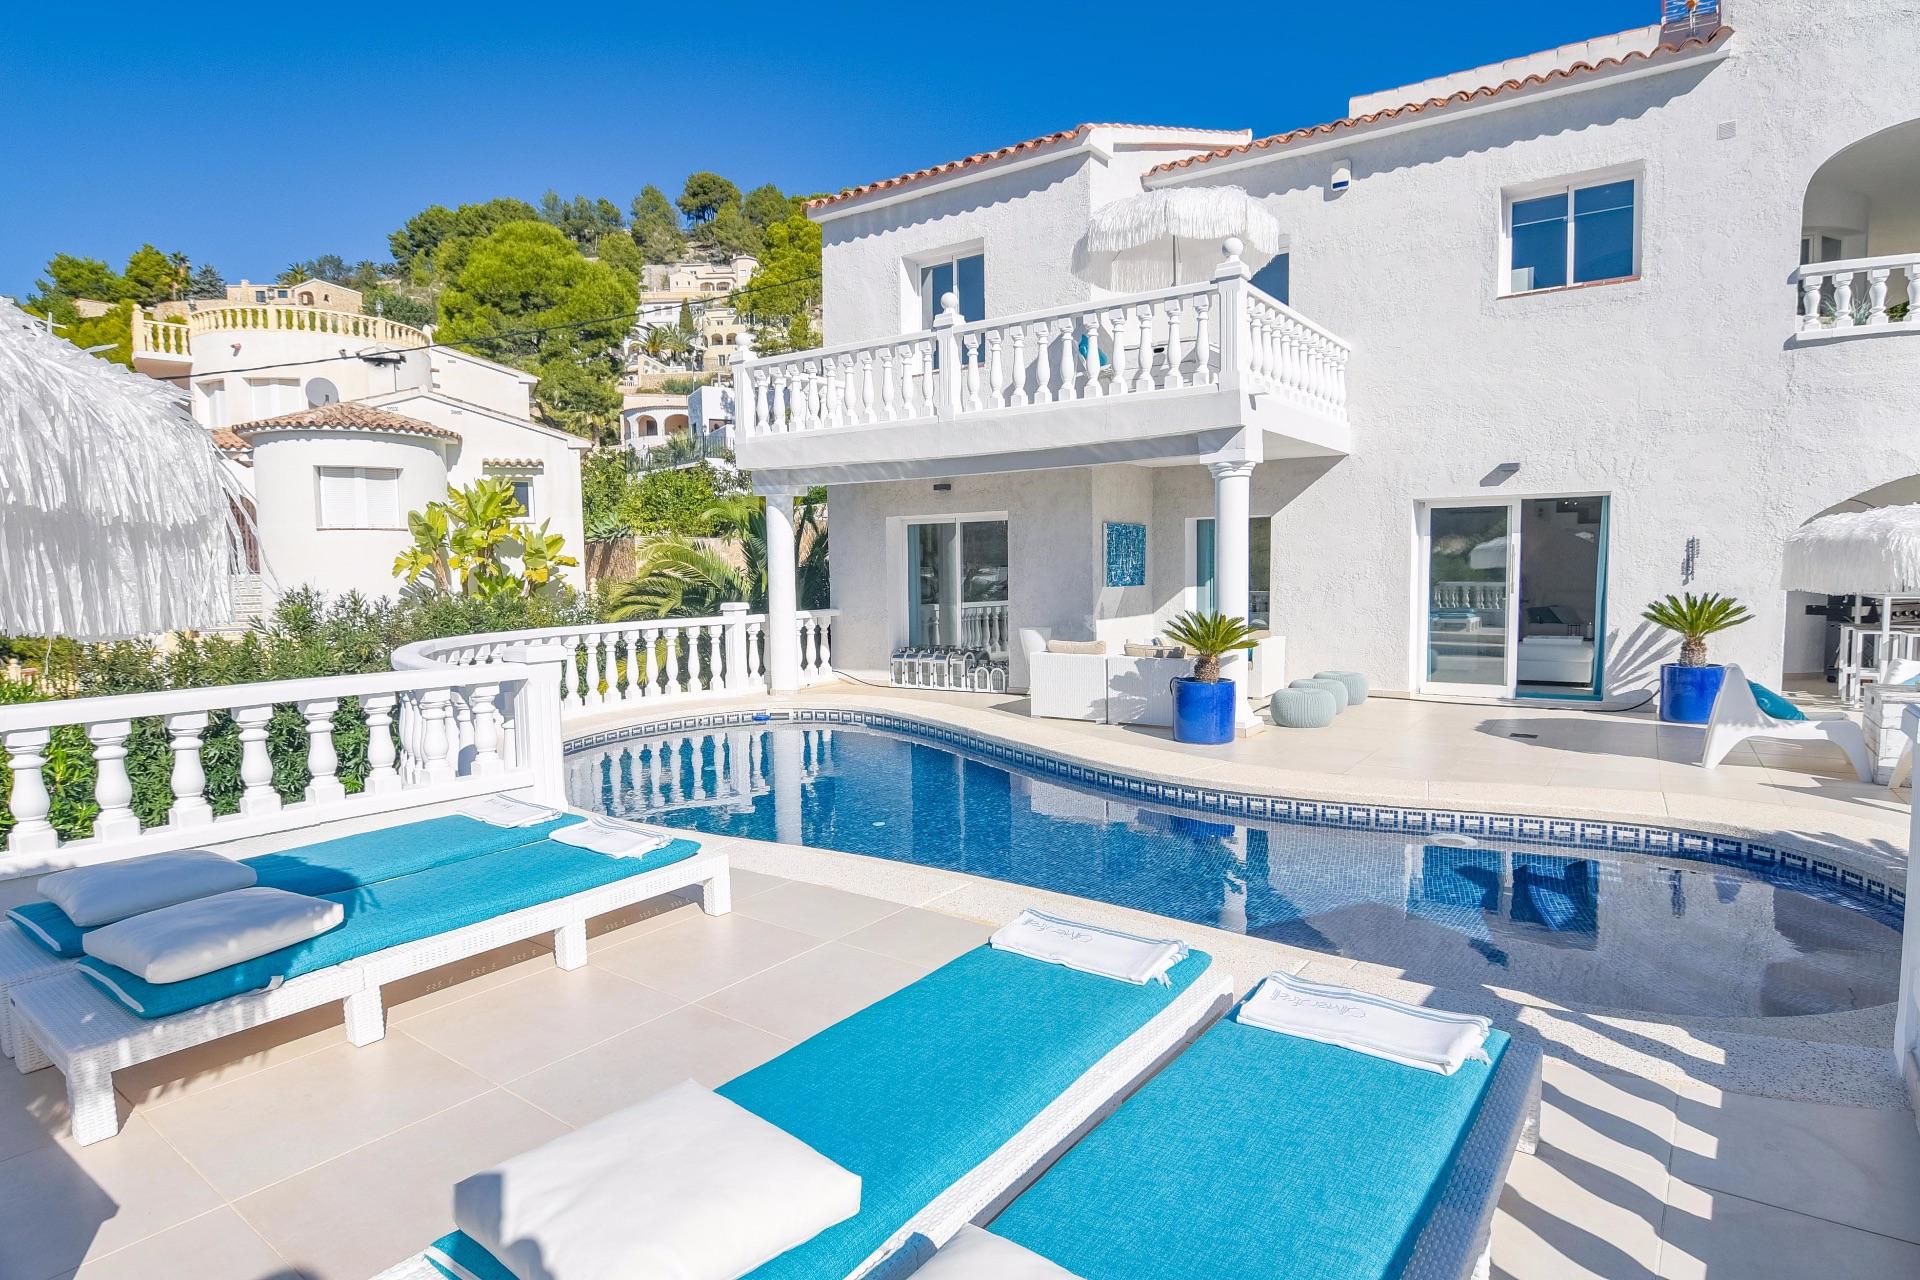 Villa in Benissa, holiday rentals